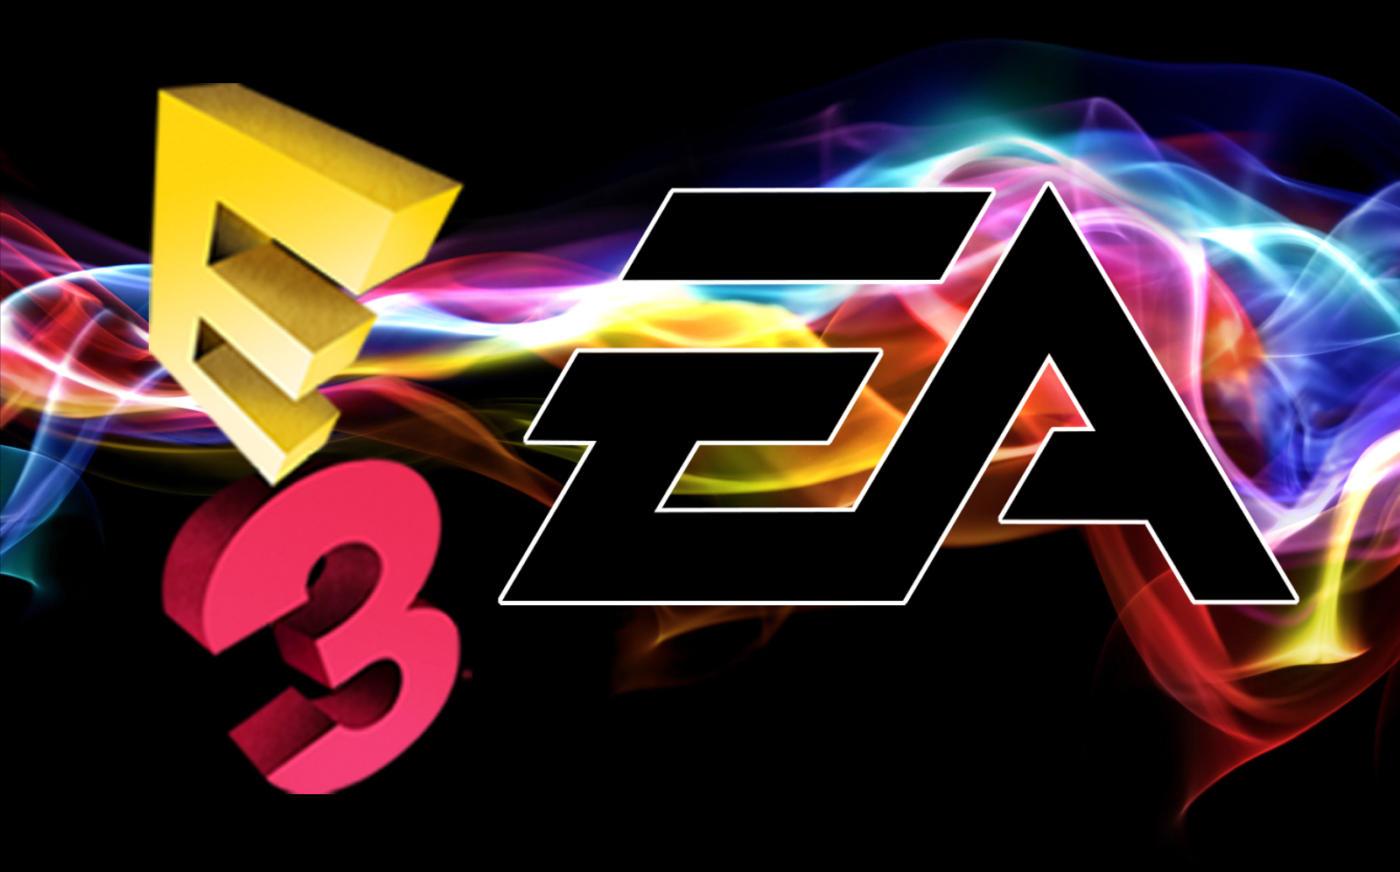 E3 2017: Tutti I Rumor E Le Date Dell'Evento 2 - Hynerd.it